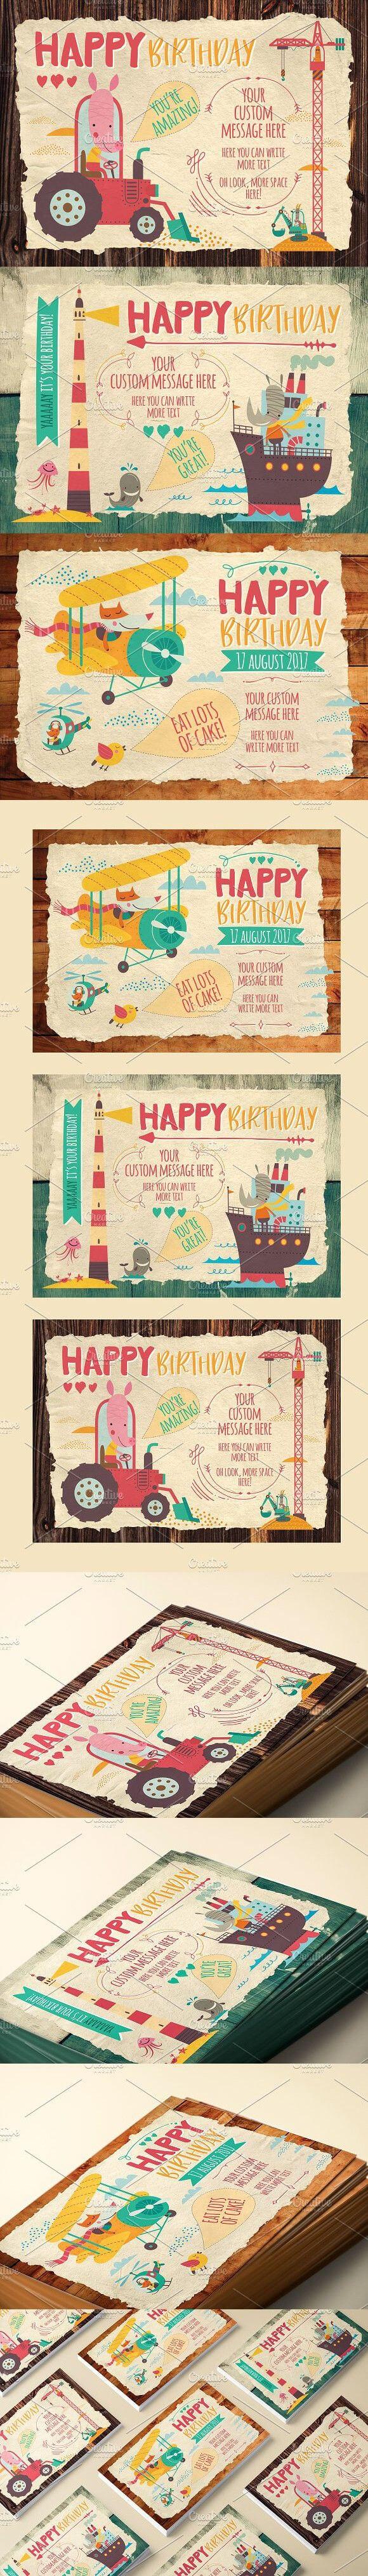 Kids Birthday Cards #children | Best Card Templates | Kids intended for Birthday Card Collage Template